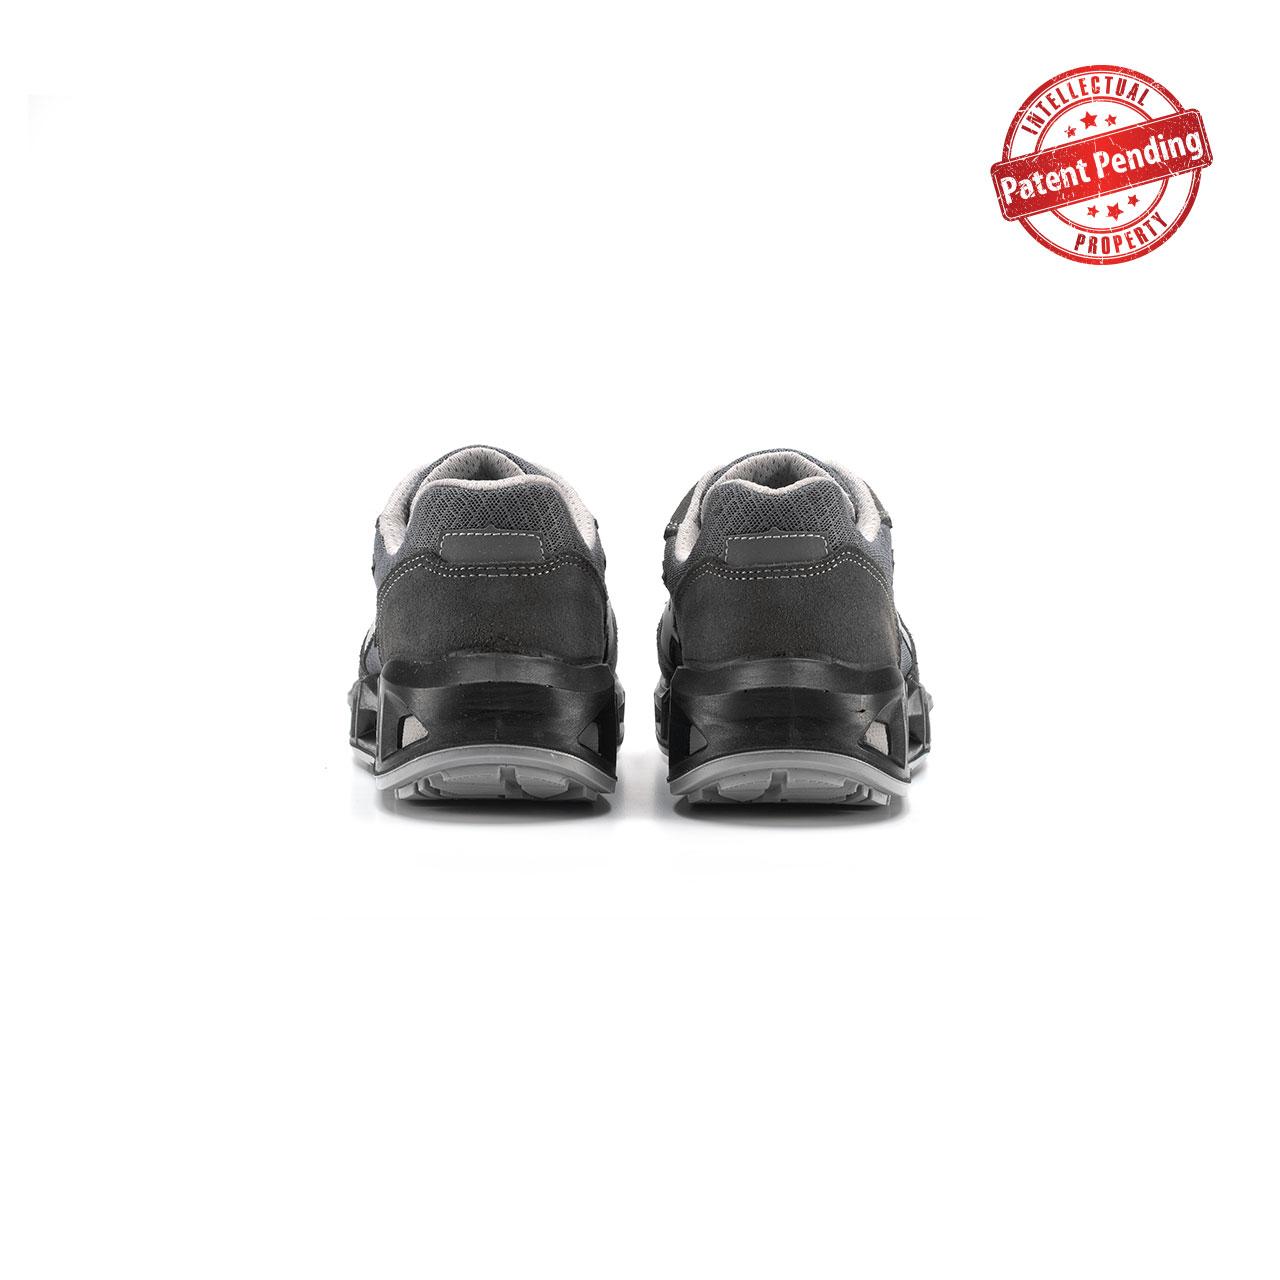 paio di scarpe antinfortunistiche upower modello push carpet linea redcarpet vista retro